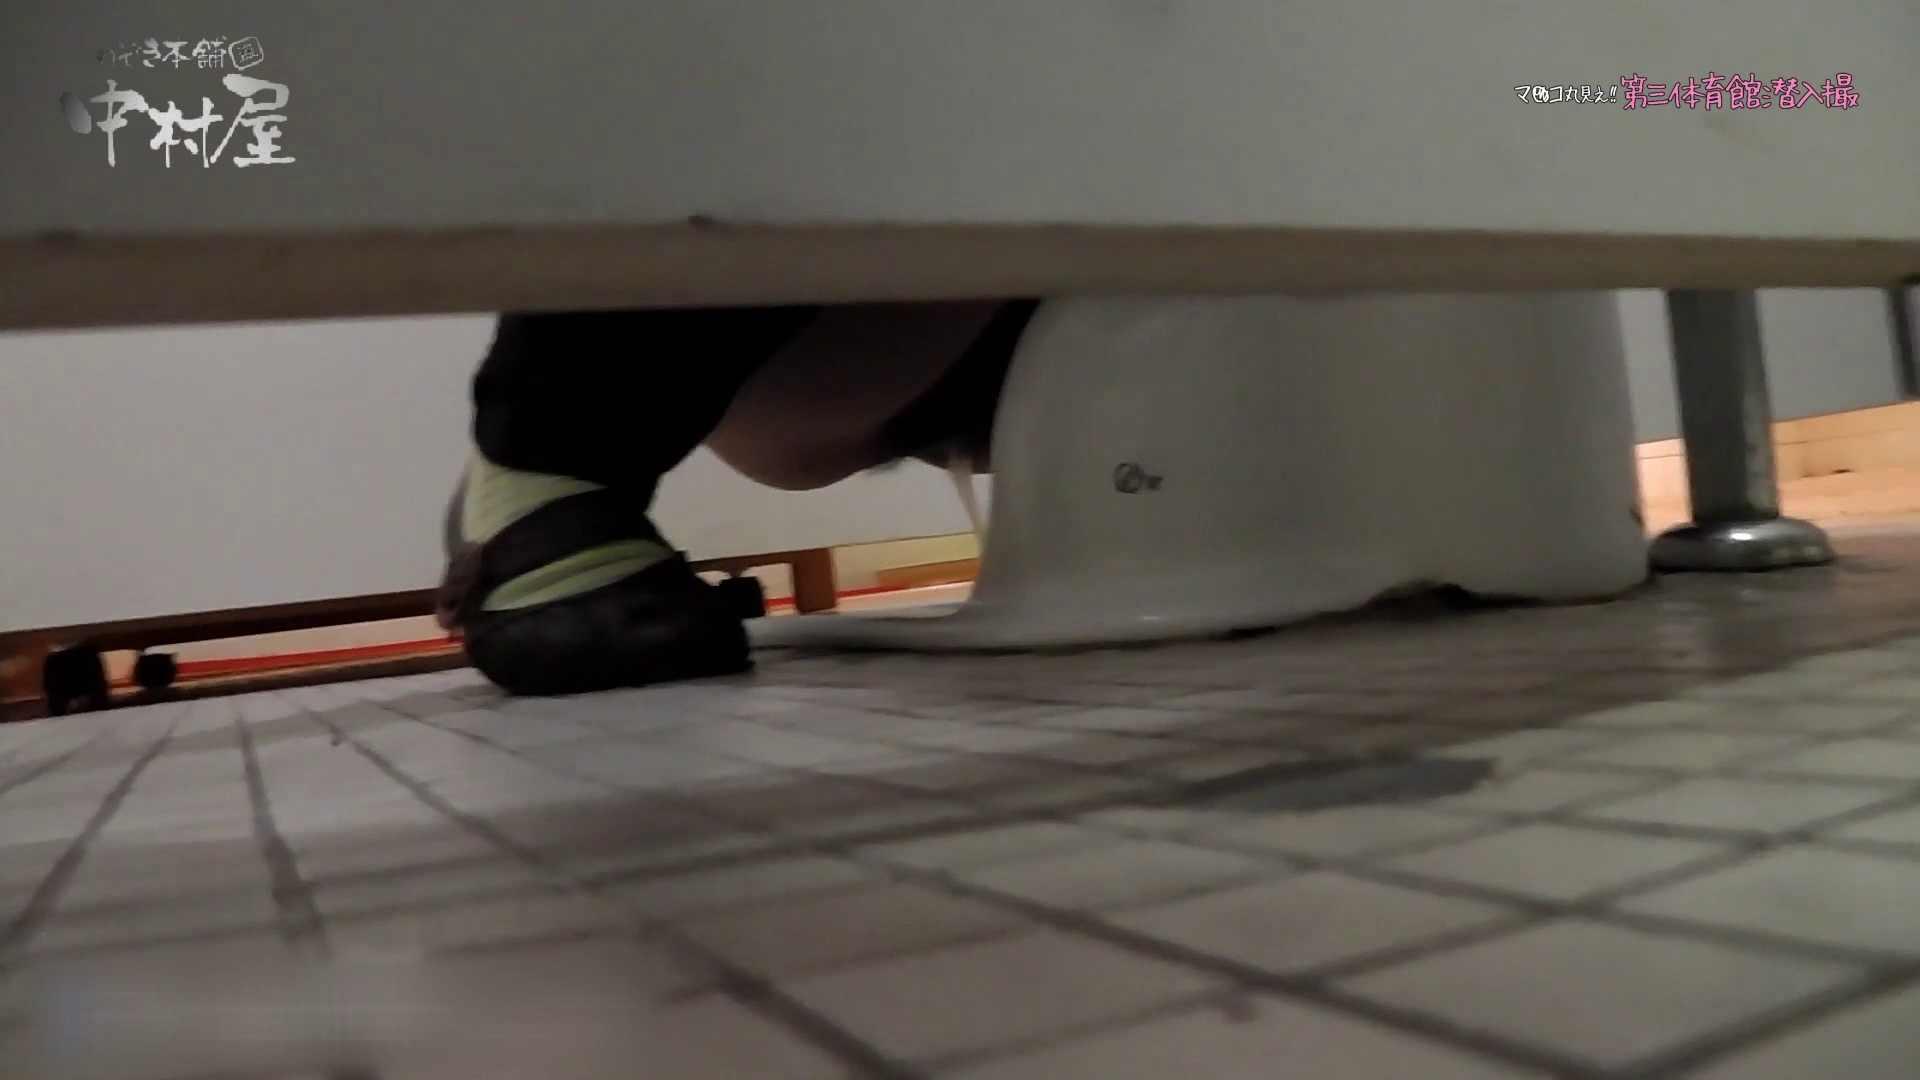 第三体育館File044長身のバレー部員が目の前の個室に入ってくれました。後編 丸見え われめAV動画紹介 73連発 57